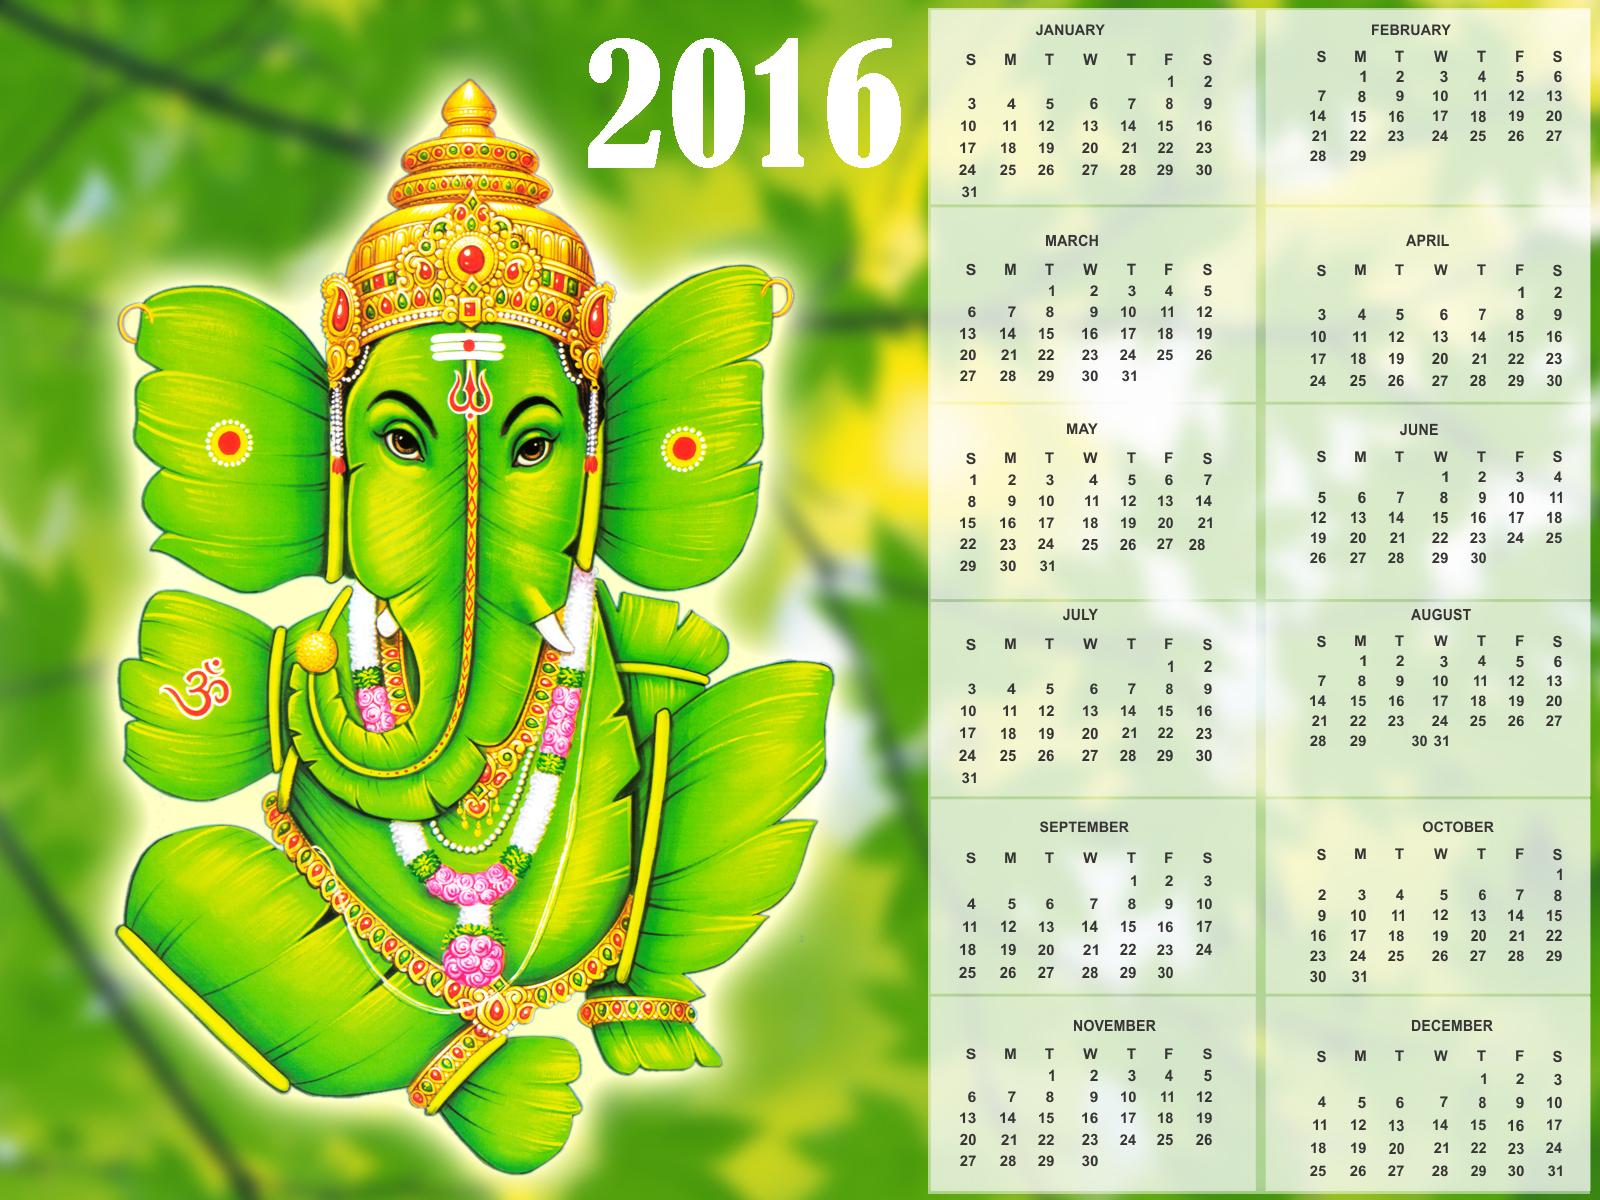 2016 Year Calendar Wallpaper Download 2016 Calendar by Month 1600x1200